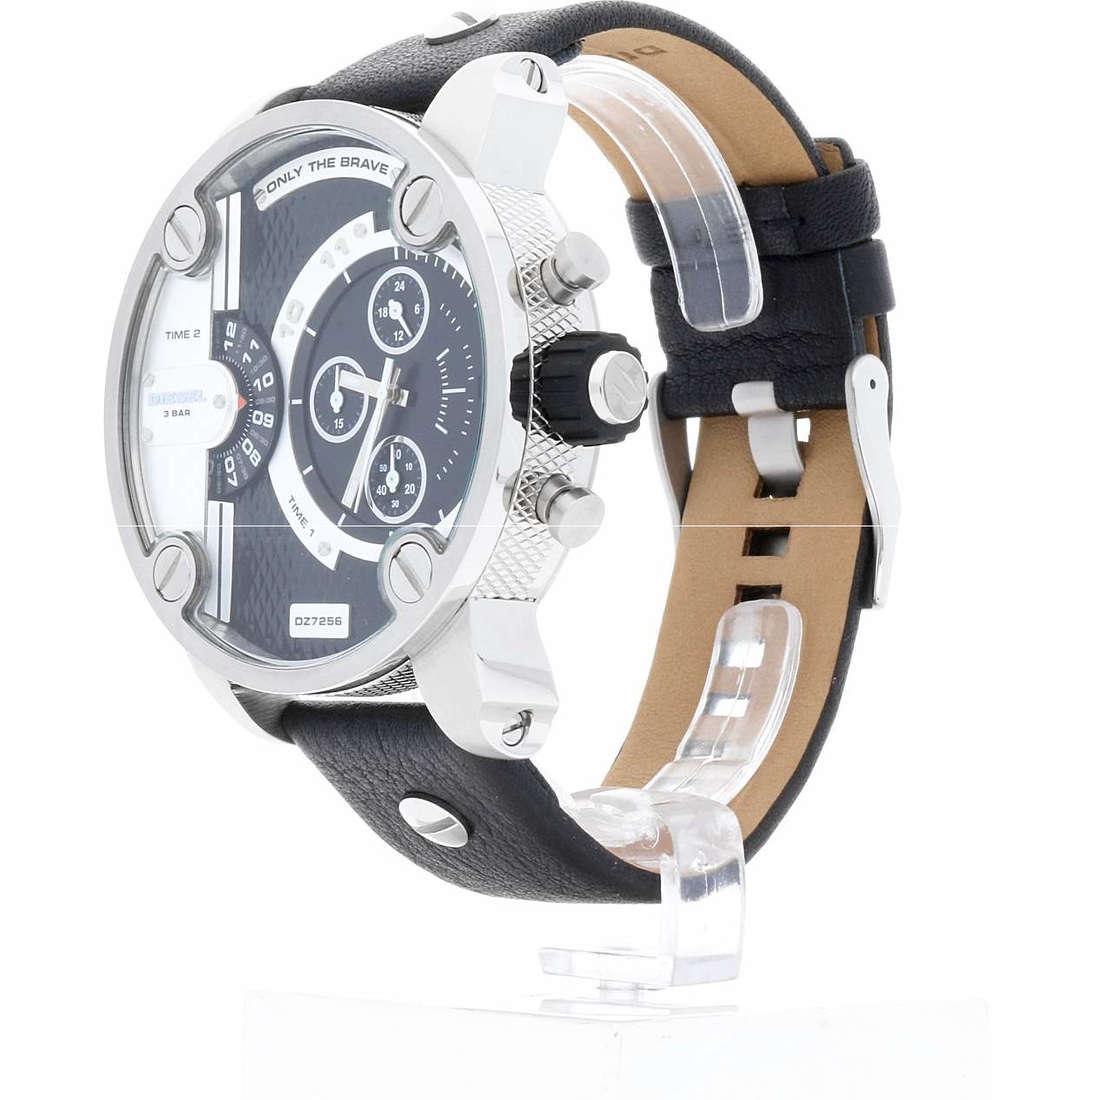 vente montres homme Diesel DZ7256